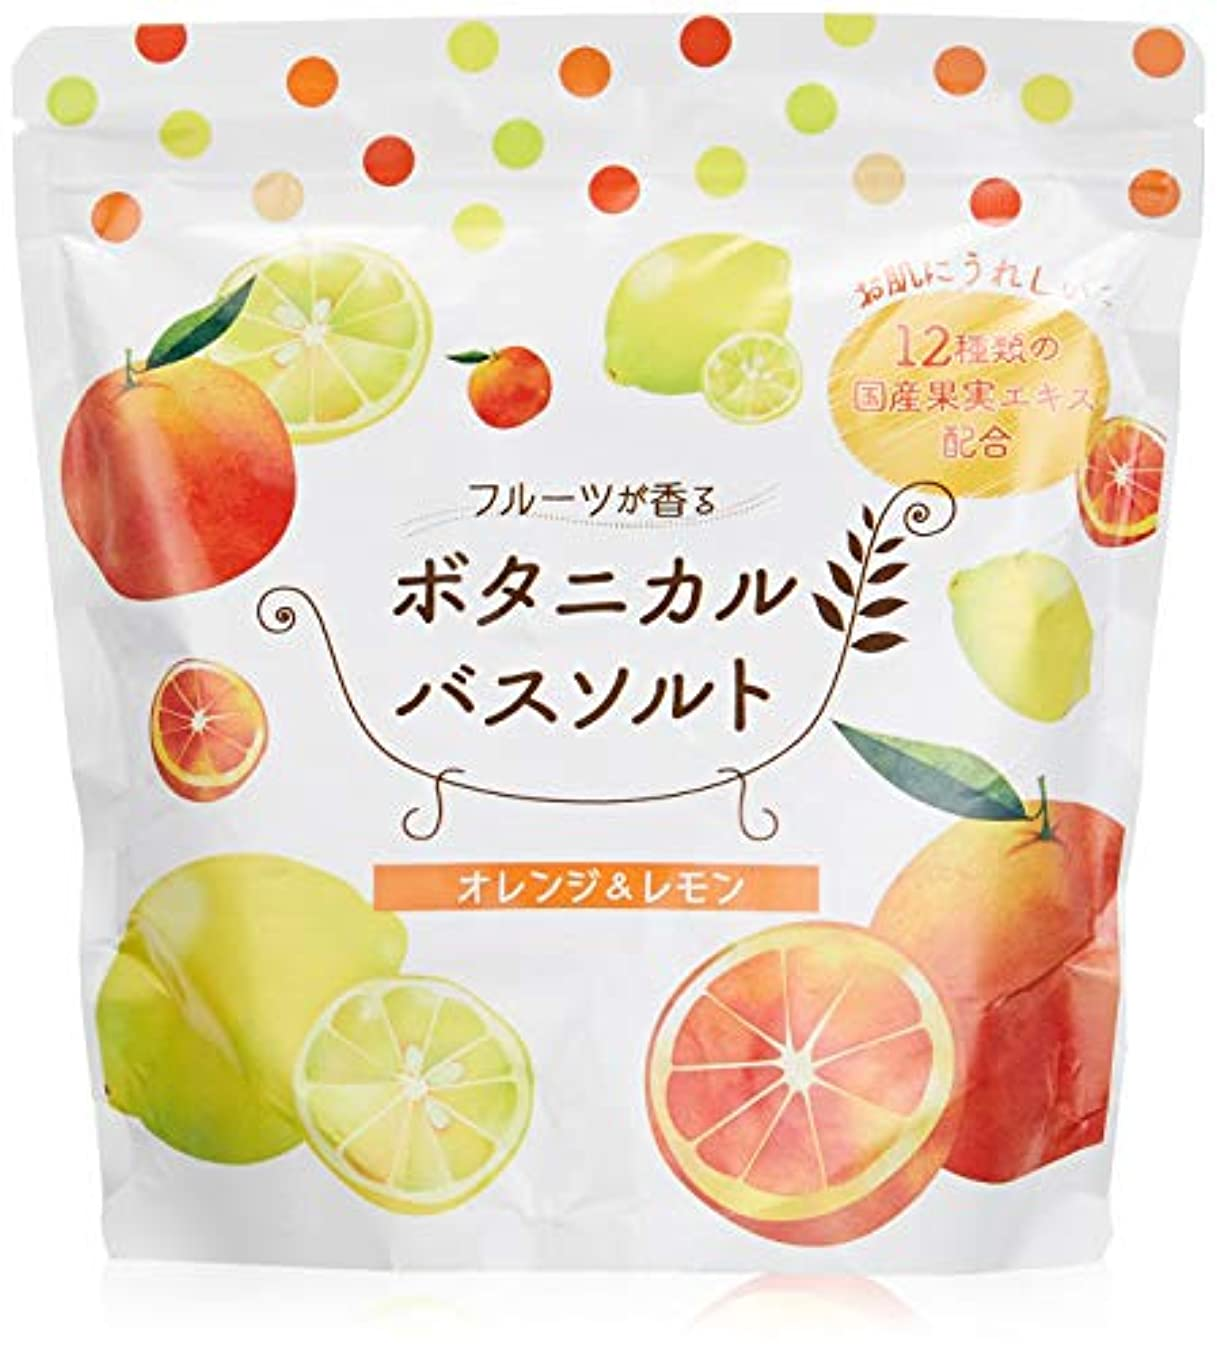 人工的なジャグリング傾向がある松田医薬品 フルーツが香るボタニカルバスソルト 入浴剤 オレンジ レモン 450g